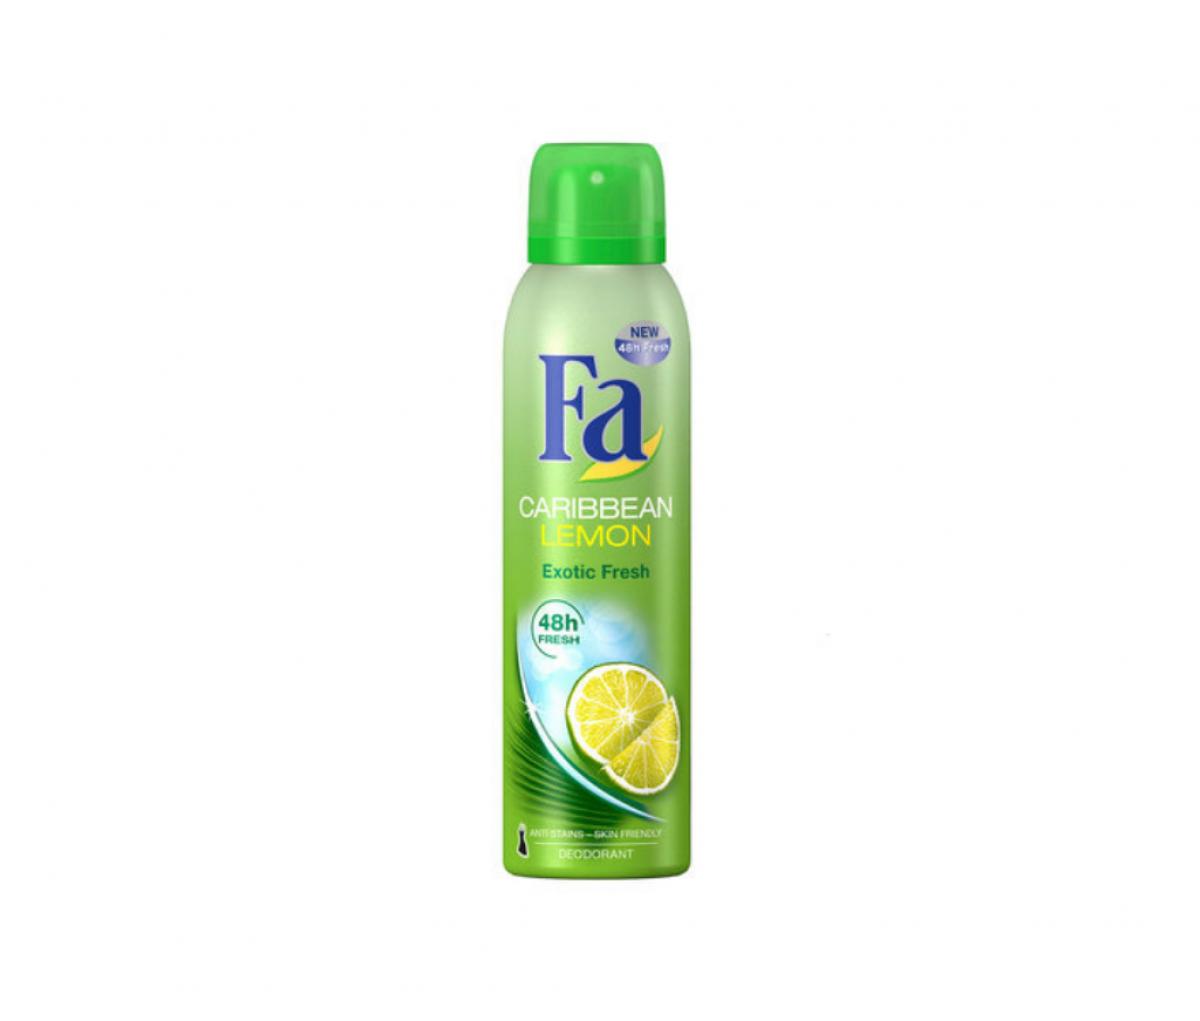 FA Deo 200ml Caribbean Lemon